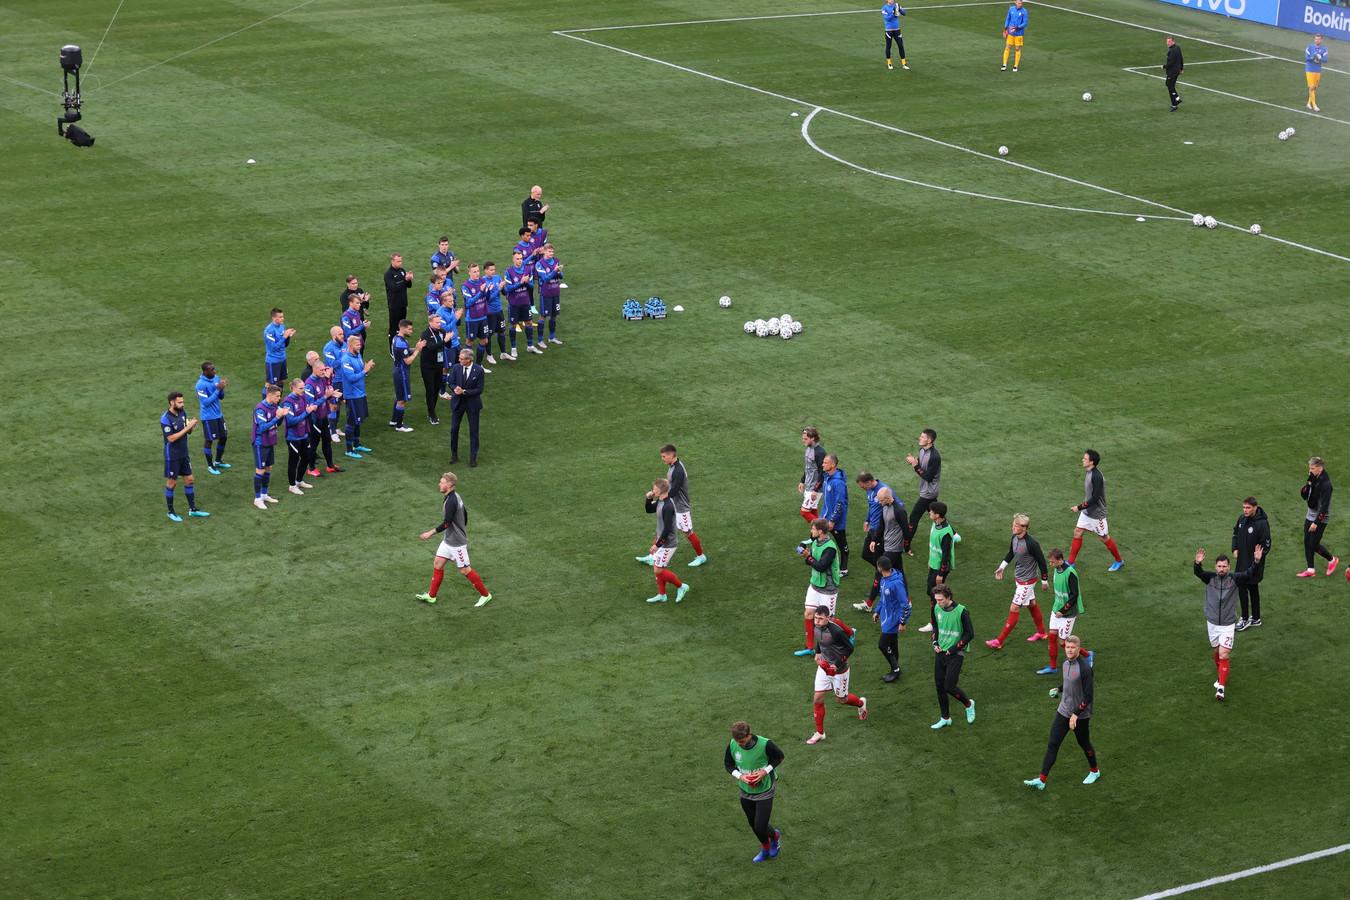 De Finnen klappen voor de Denen als die ze na een pauze van ruim anderhalf uur terugkeren voor de hervatting van het EK-duel.